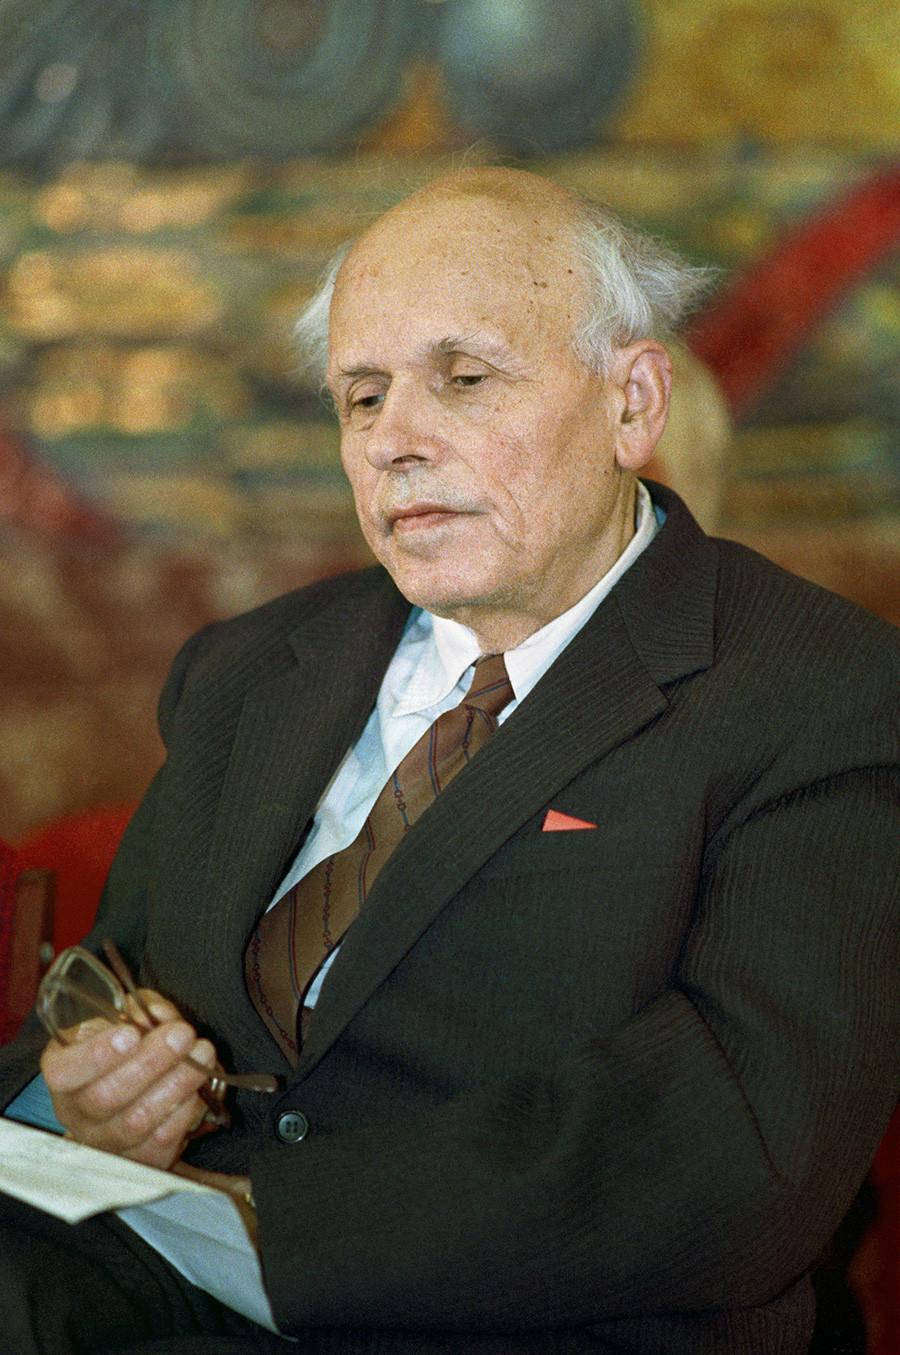 Nel 1970 Sakharov co-fondò il Comitato per i diritti dell'uomo di Mosca